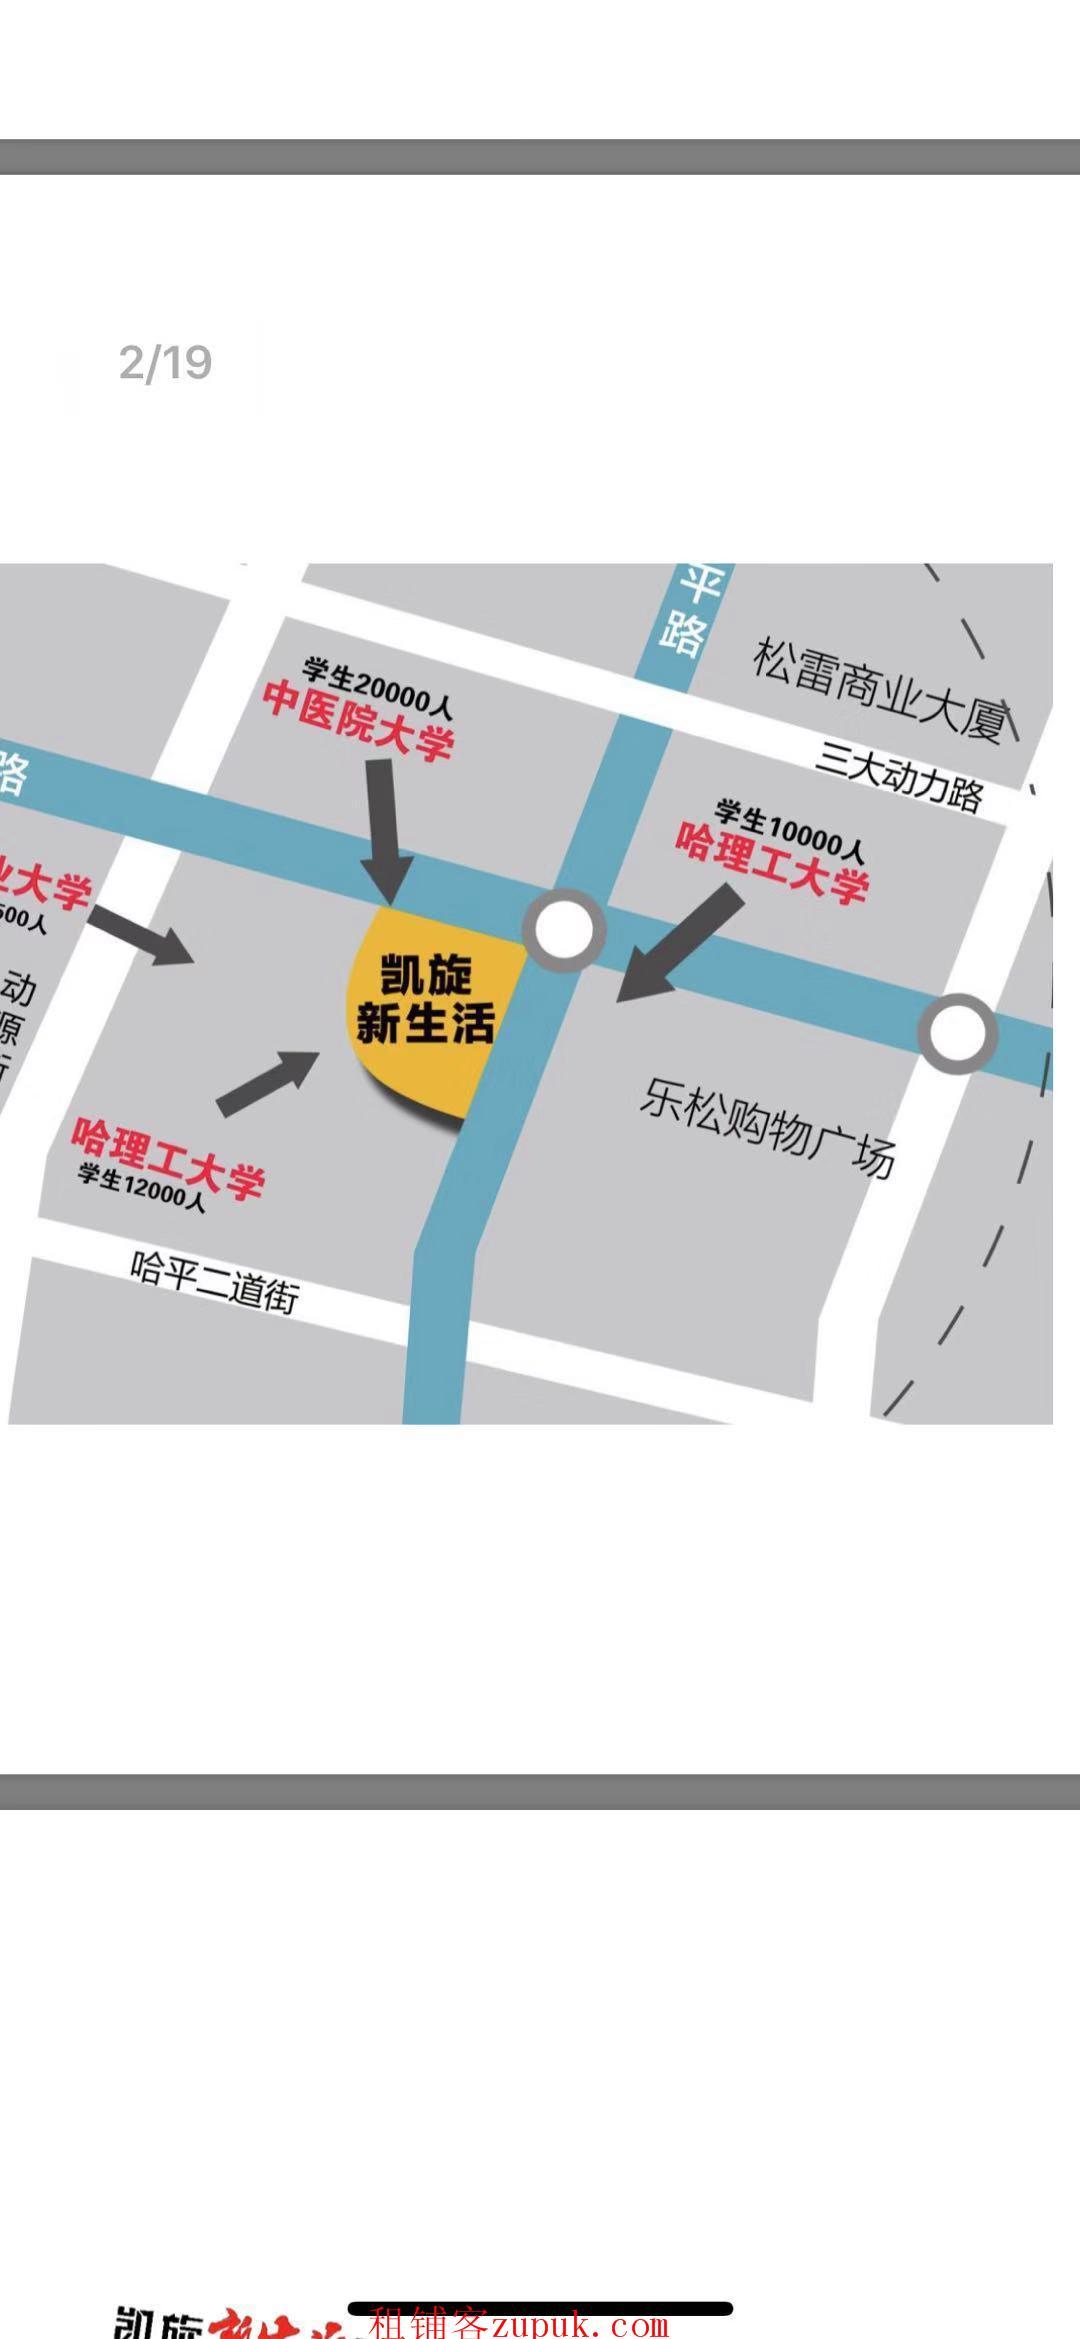 凯旋新生活购物广场,旺铺招商,三万元起自己当老板